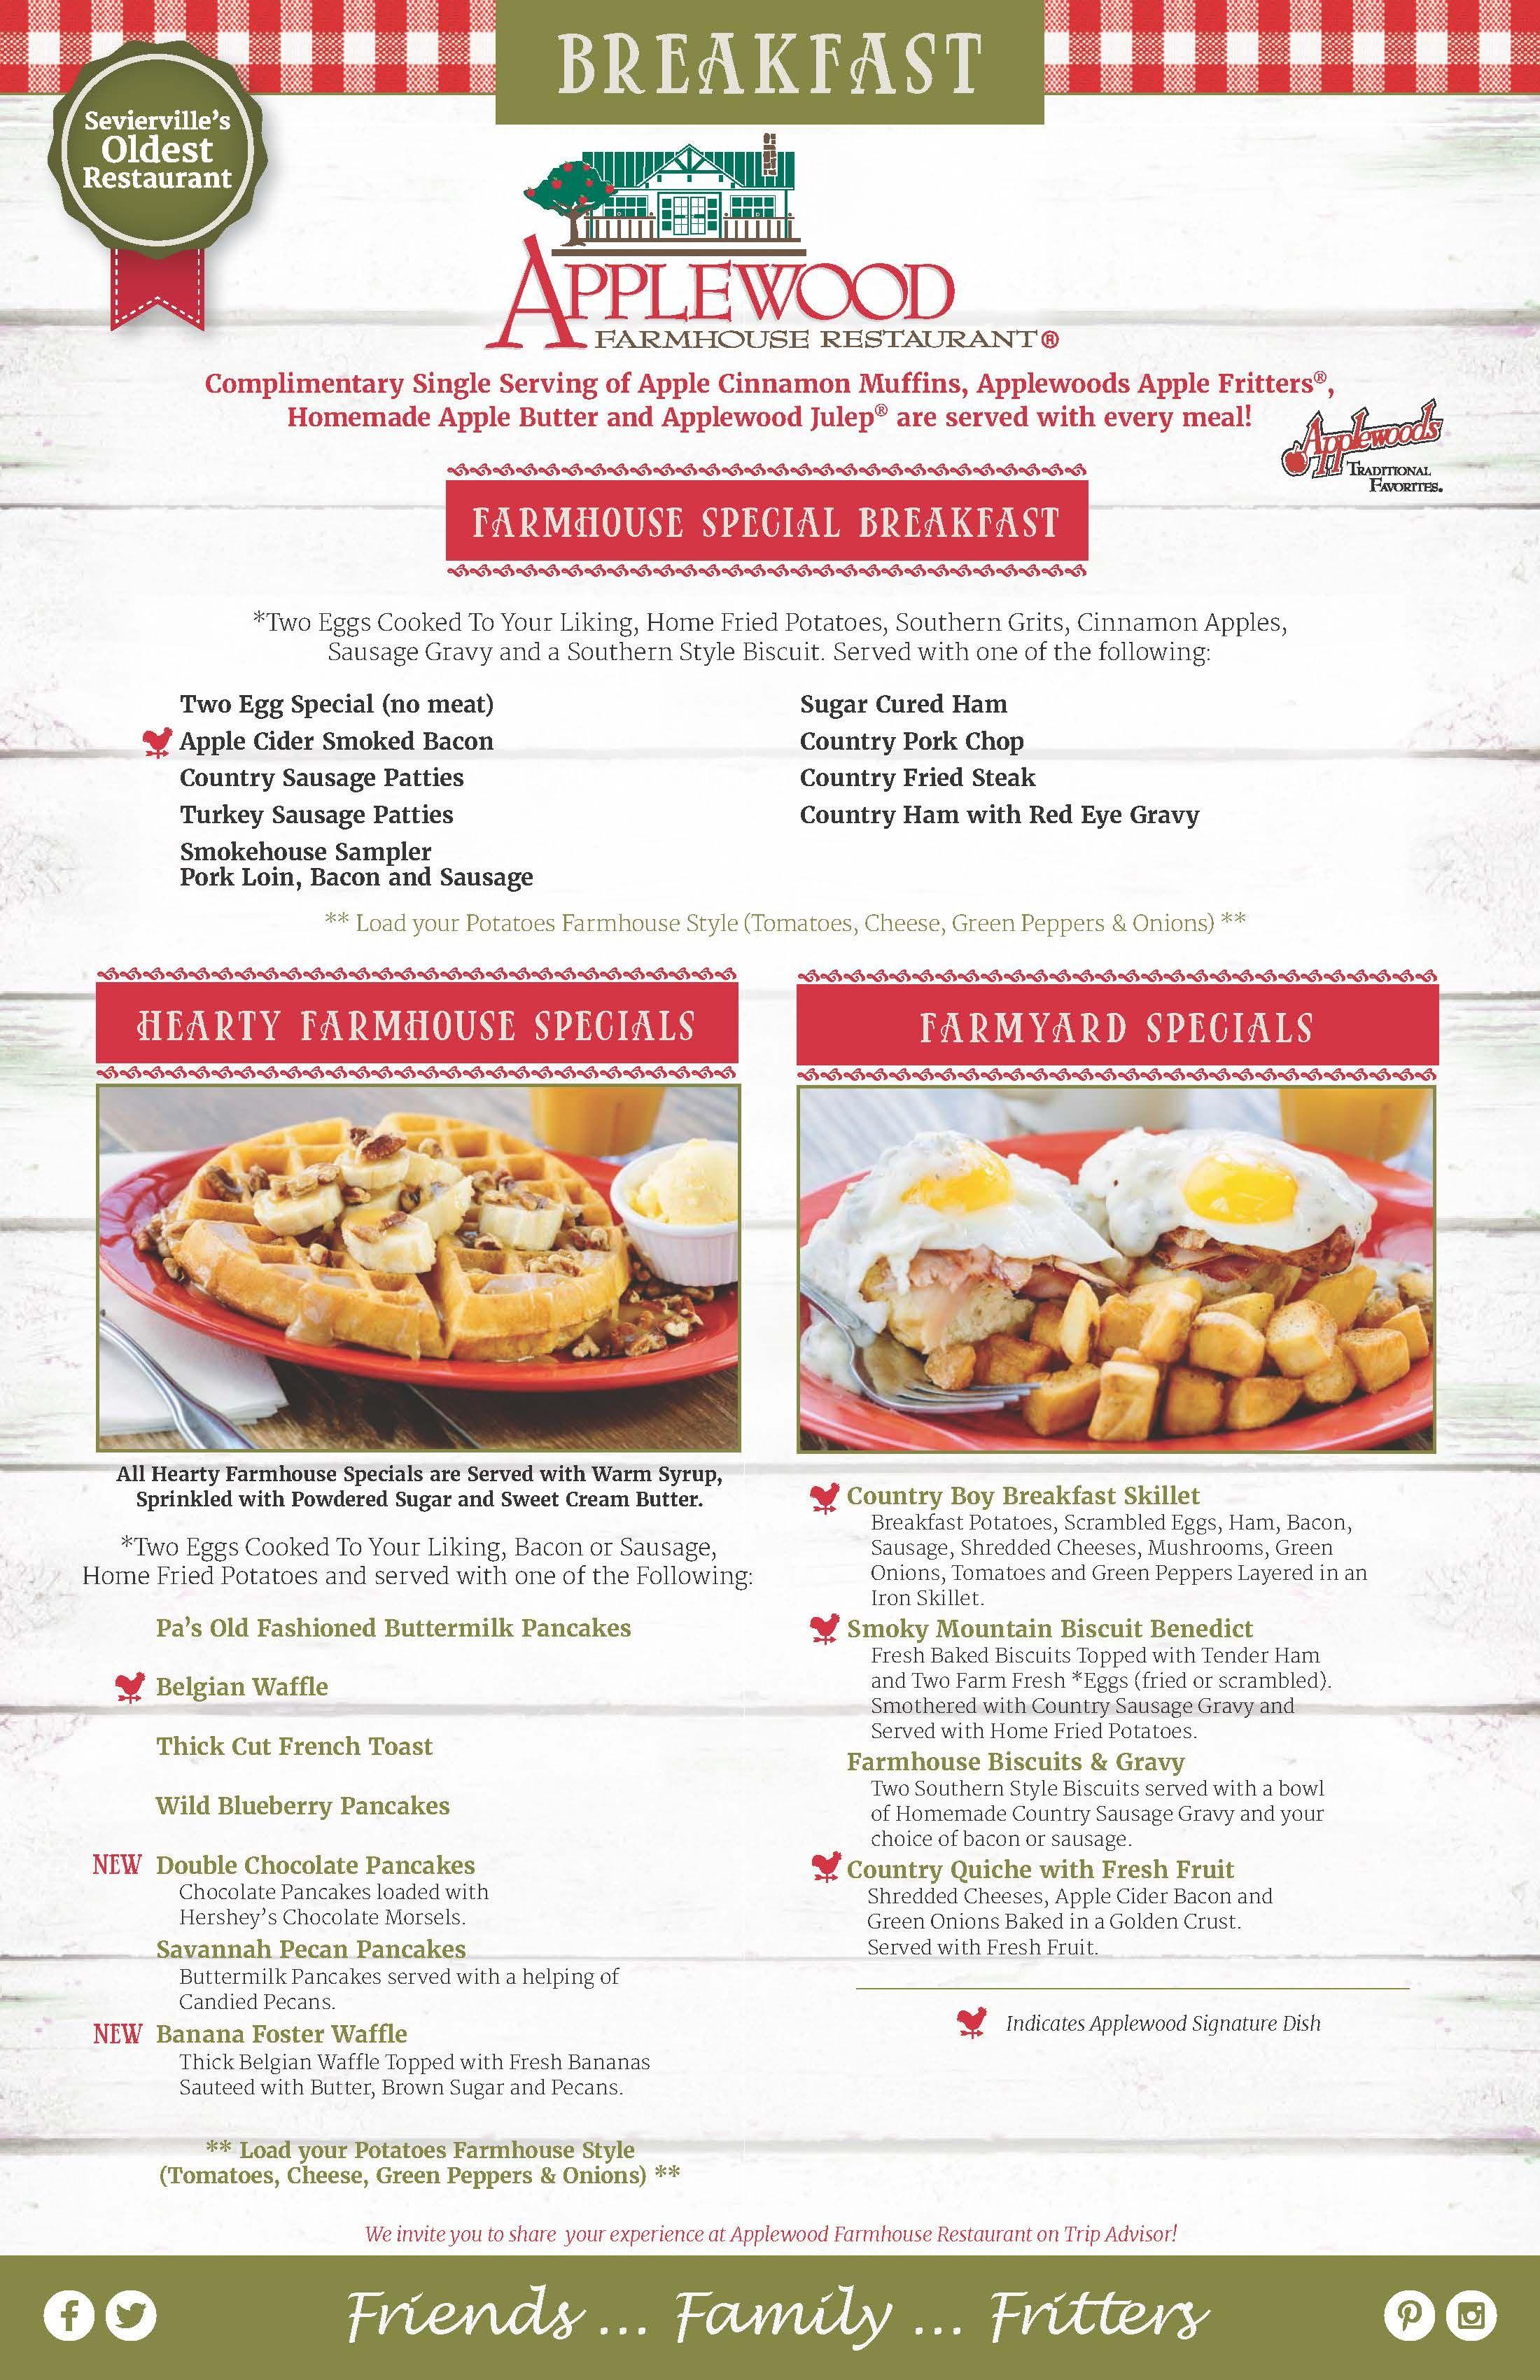 breakfast farmhouse restaurantvacation ideasbreakfast - Farmhouse Restaurant Ideas